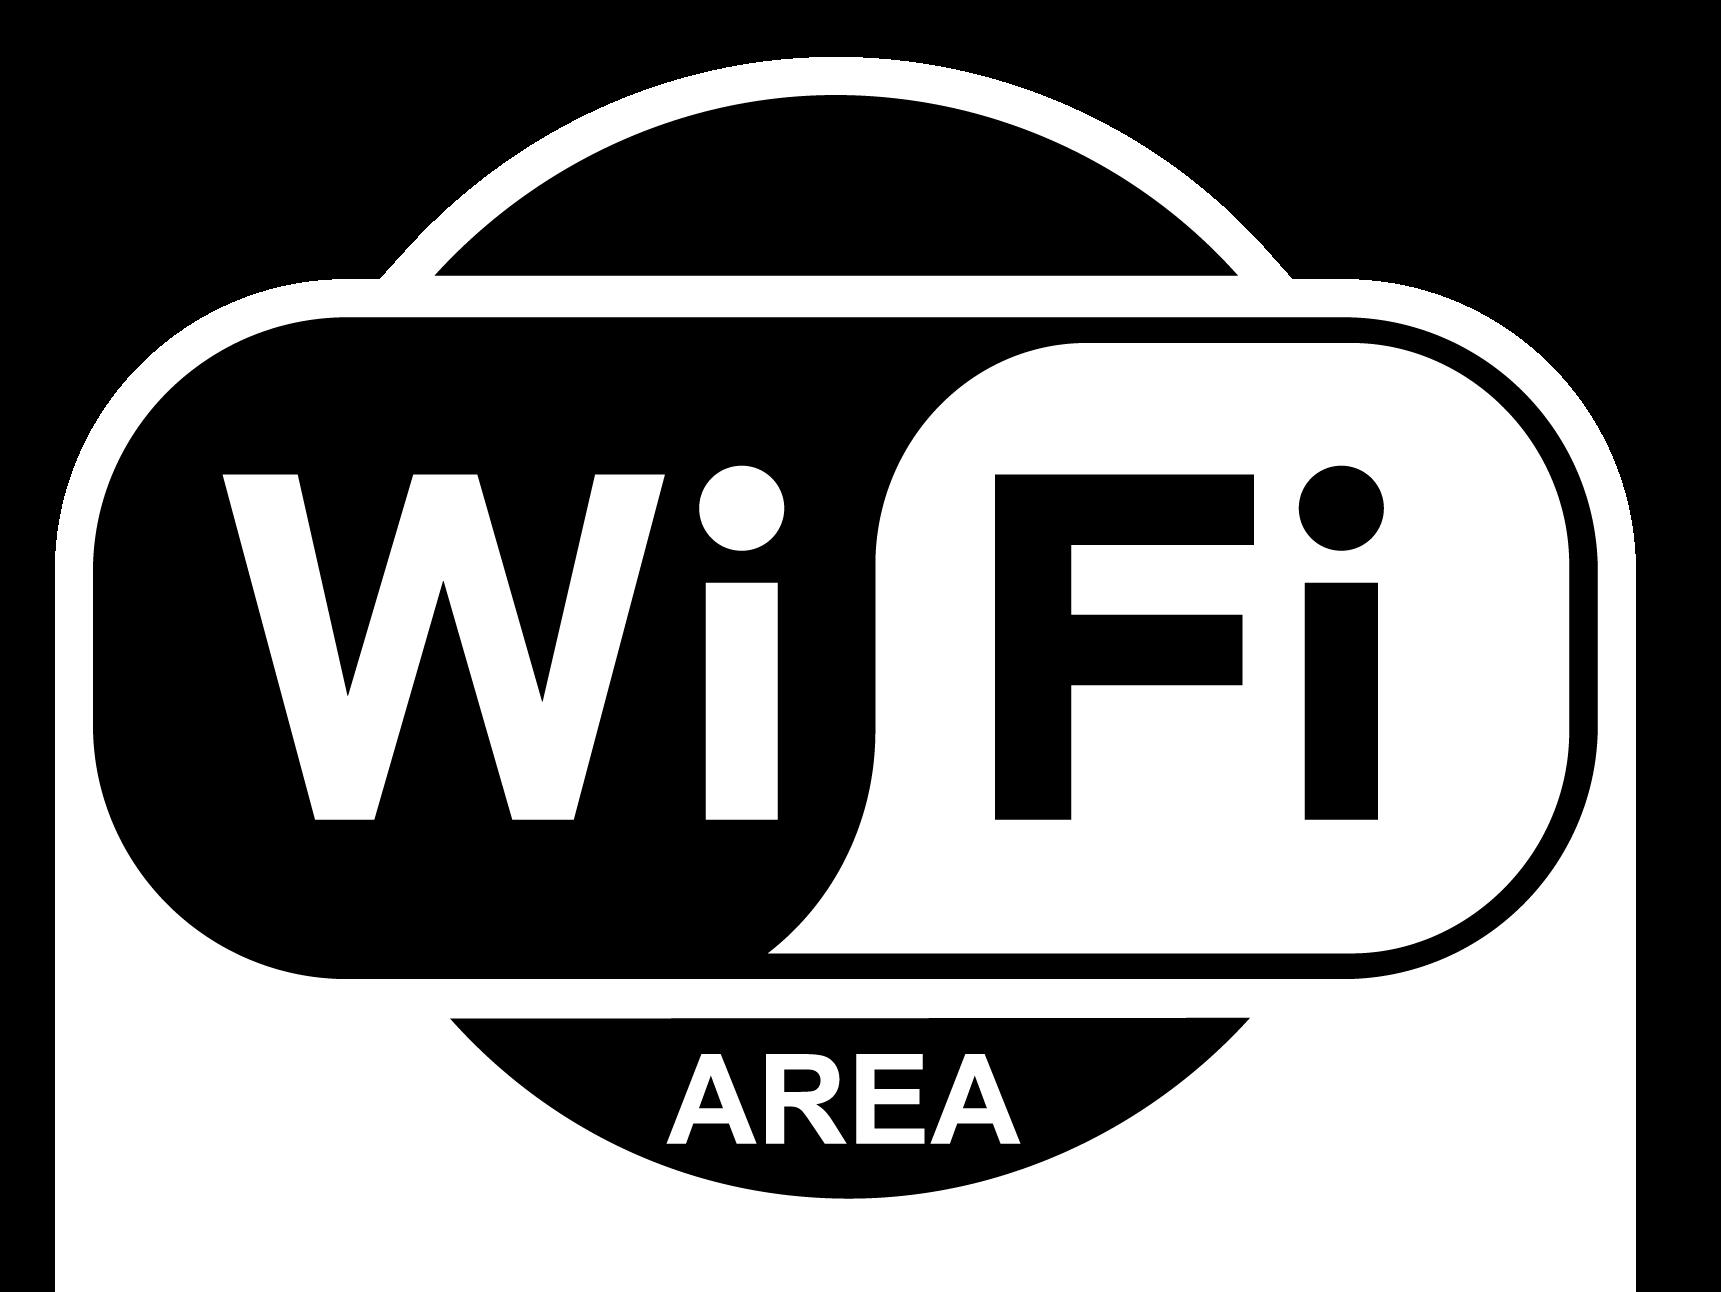 Logo WIFI area